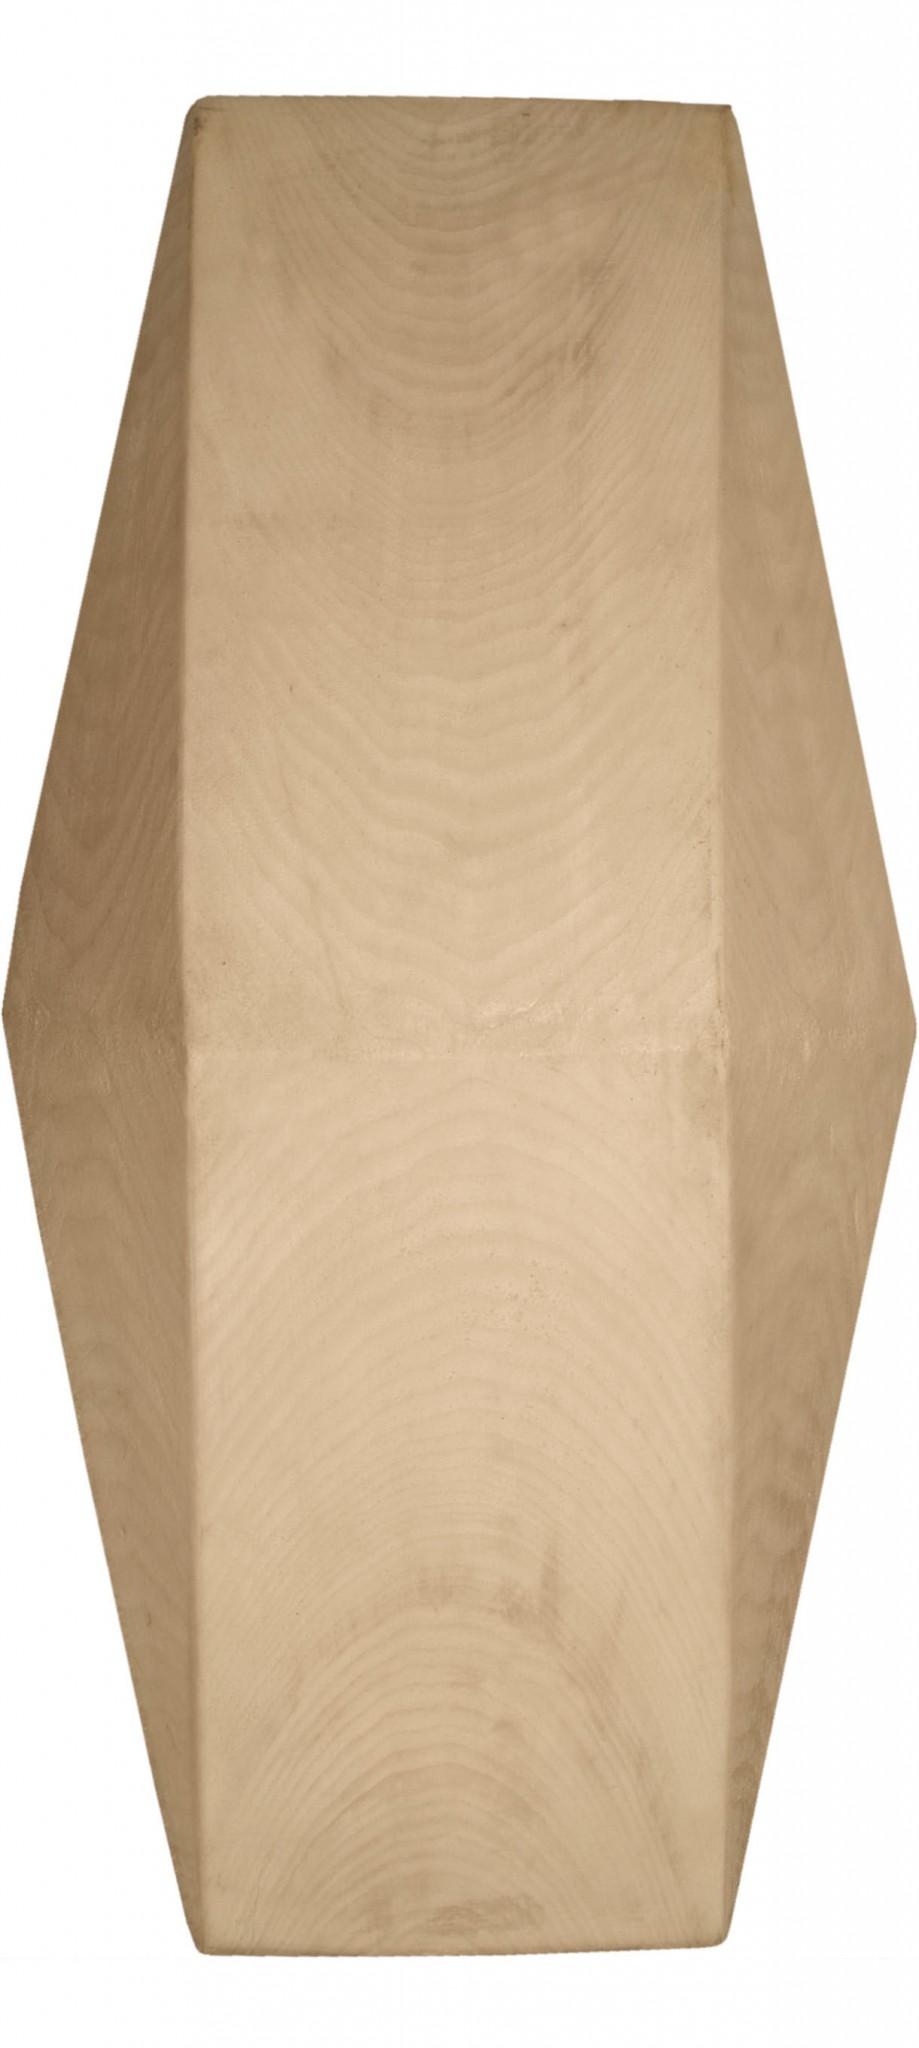 лоток деревянный из осины